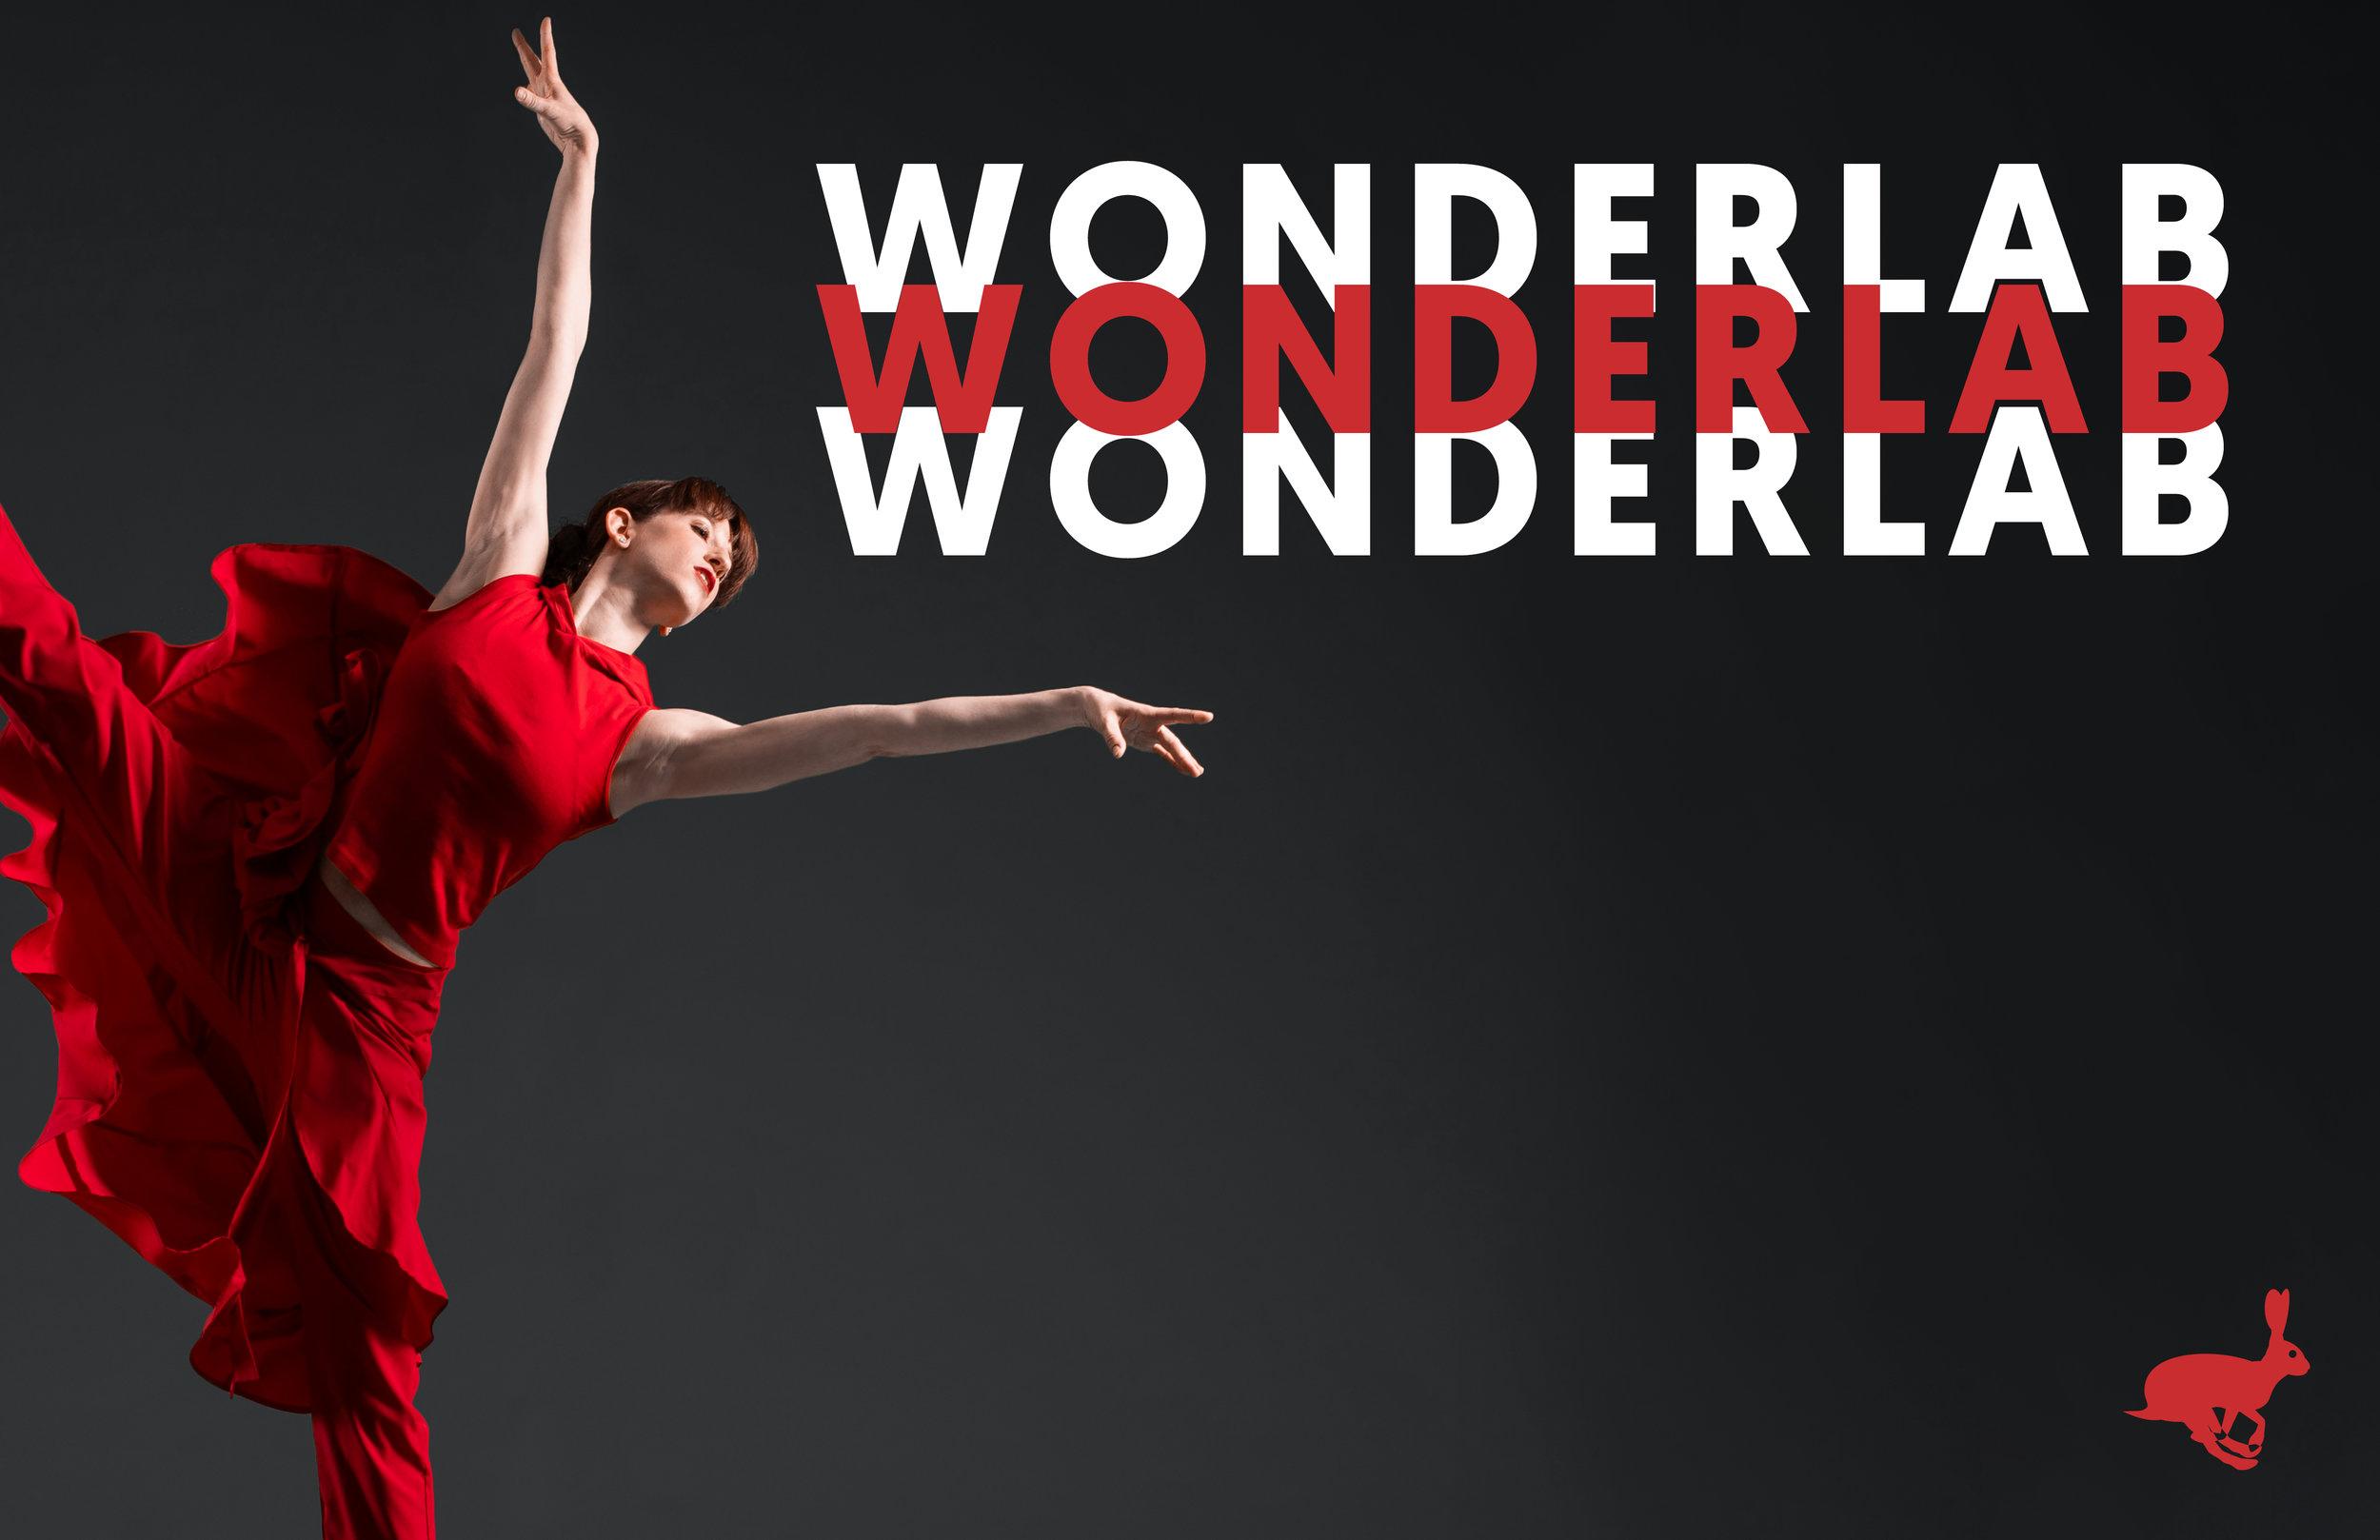 Wonderbound-Hi-Strung_Title.jpg